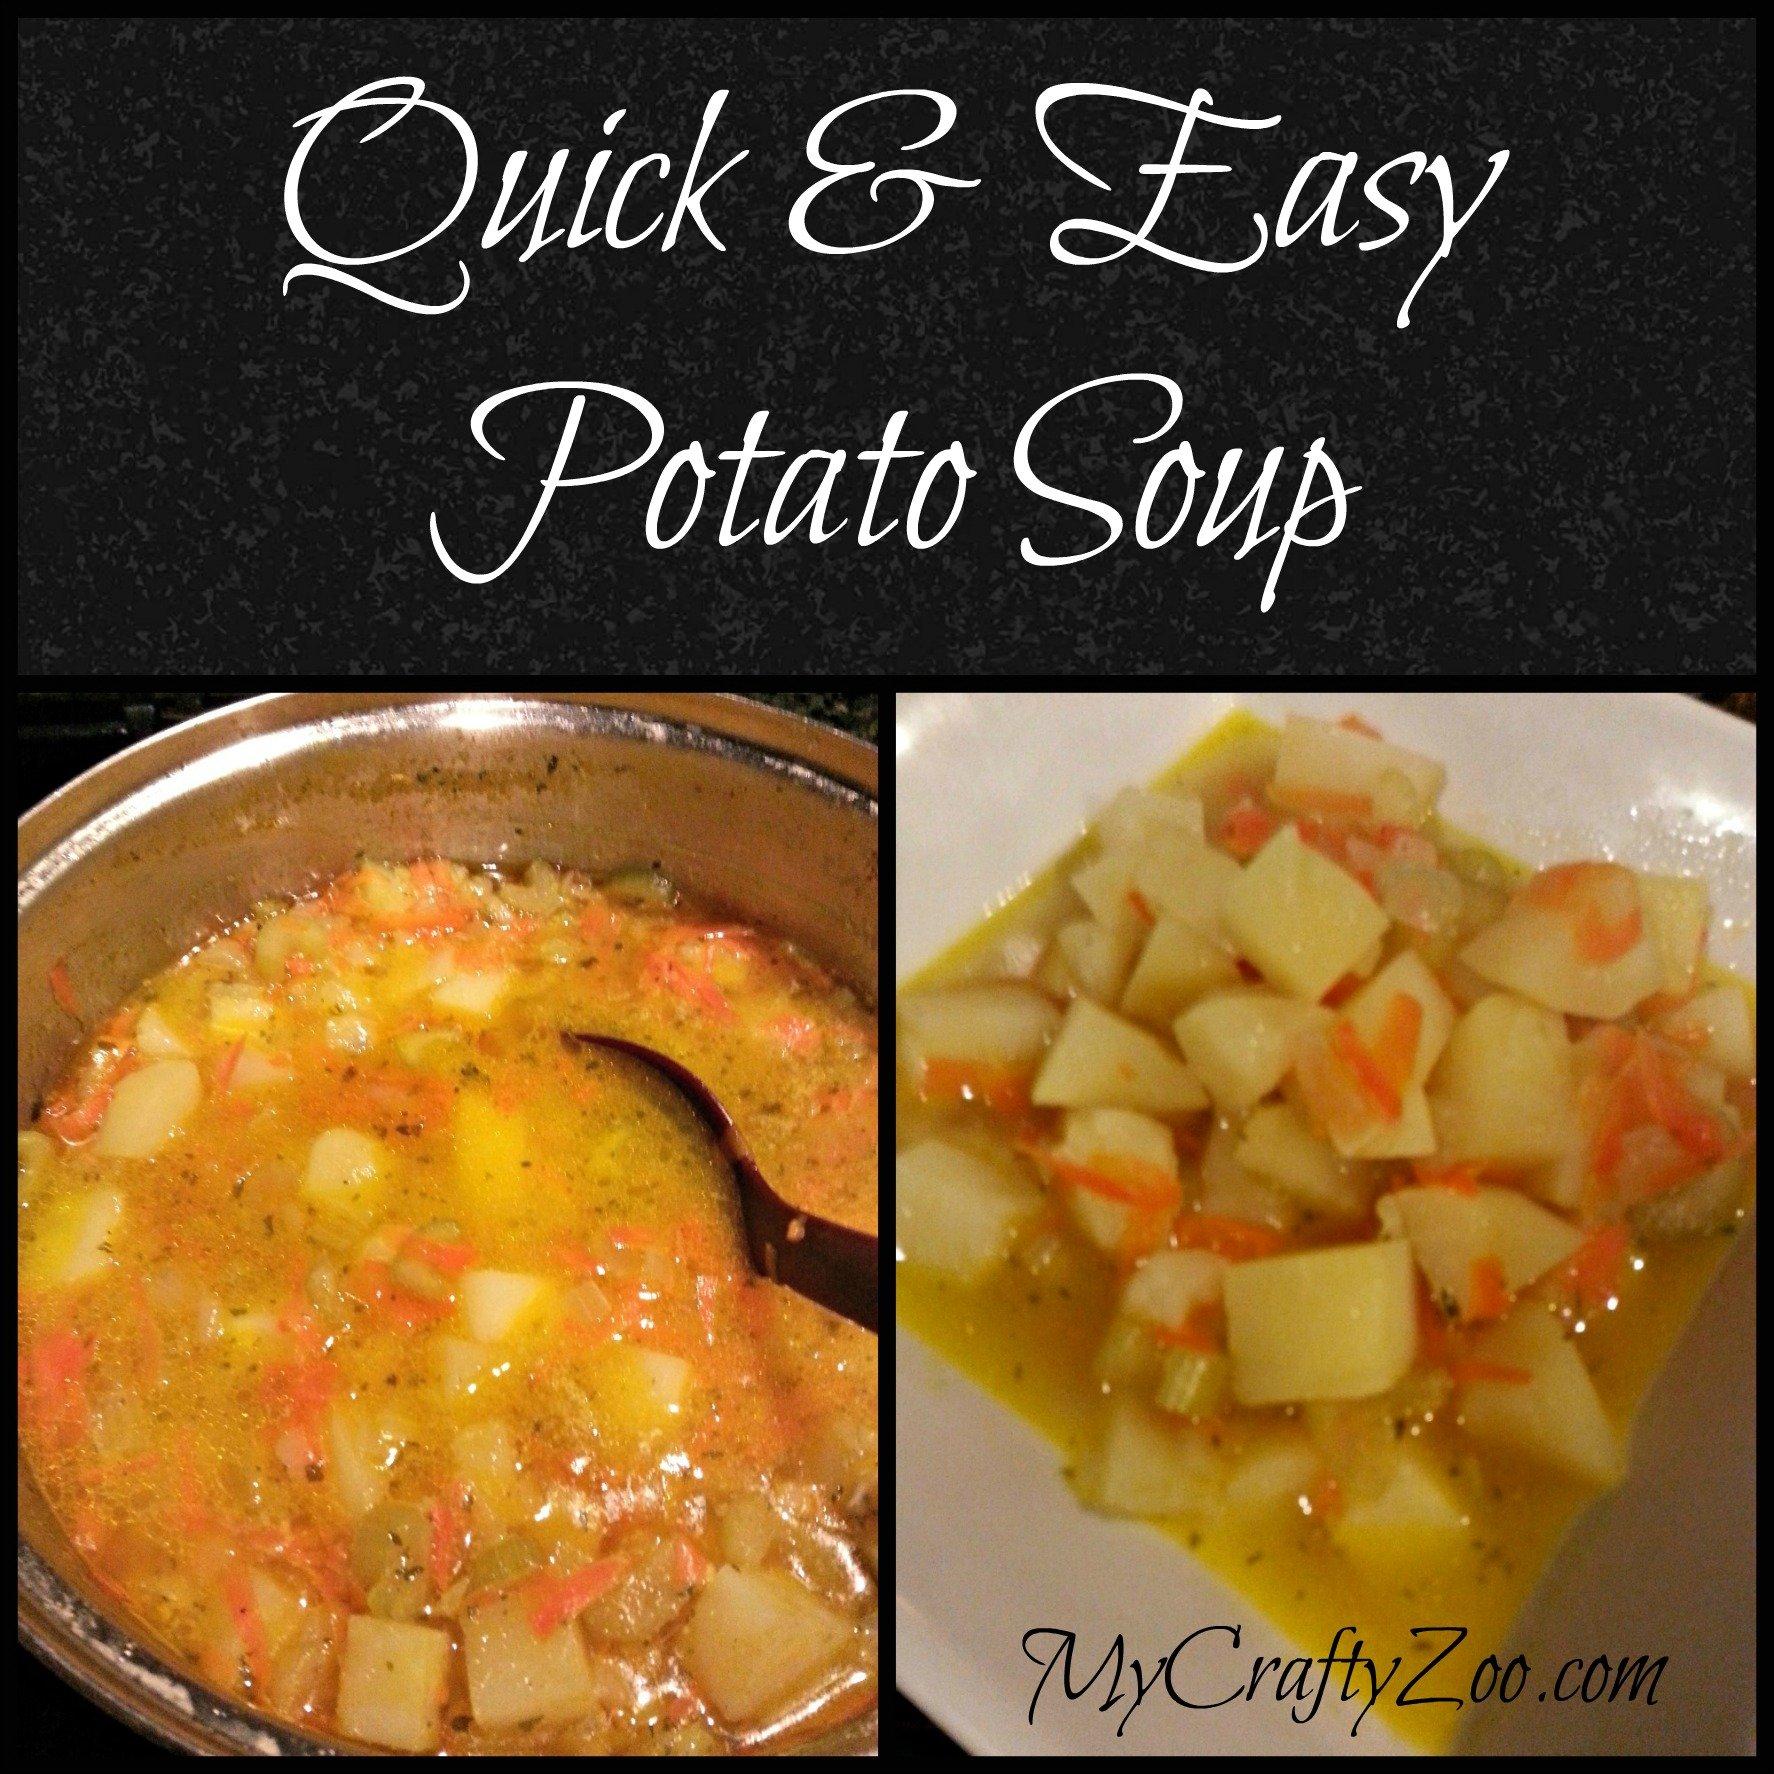 Quick & Easy Potato Soup